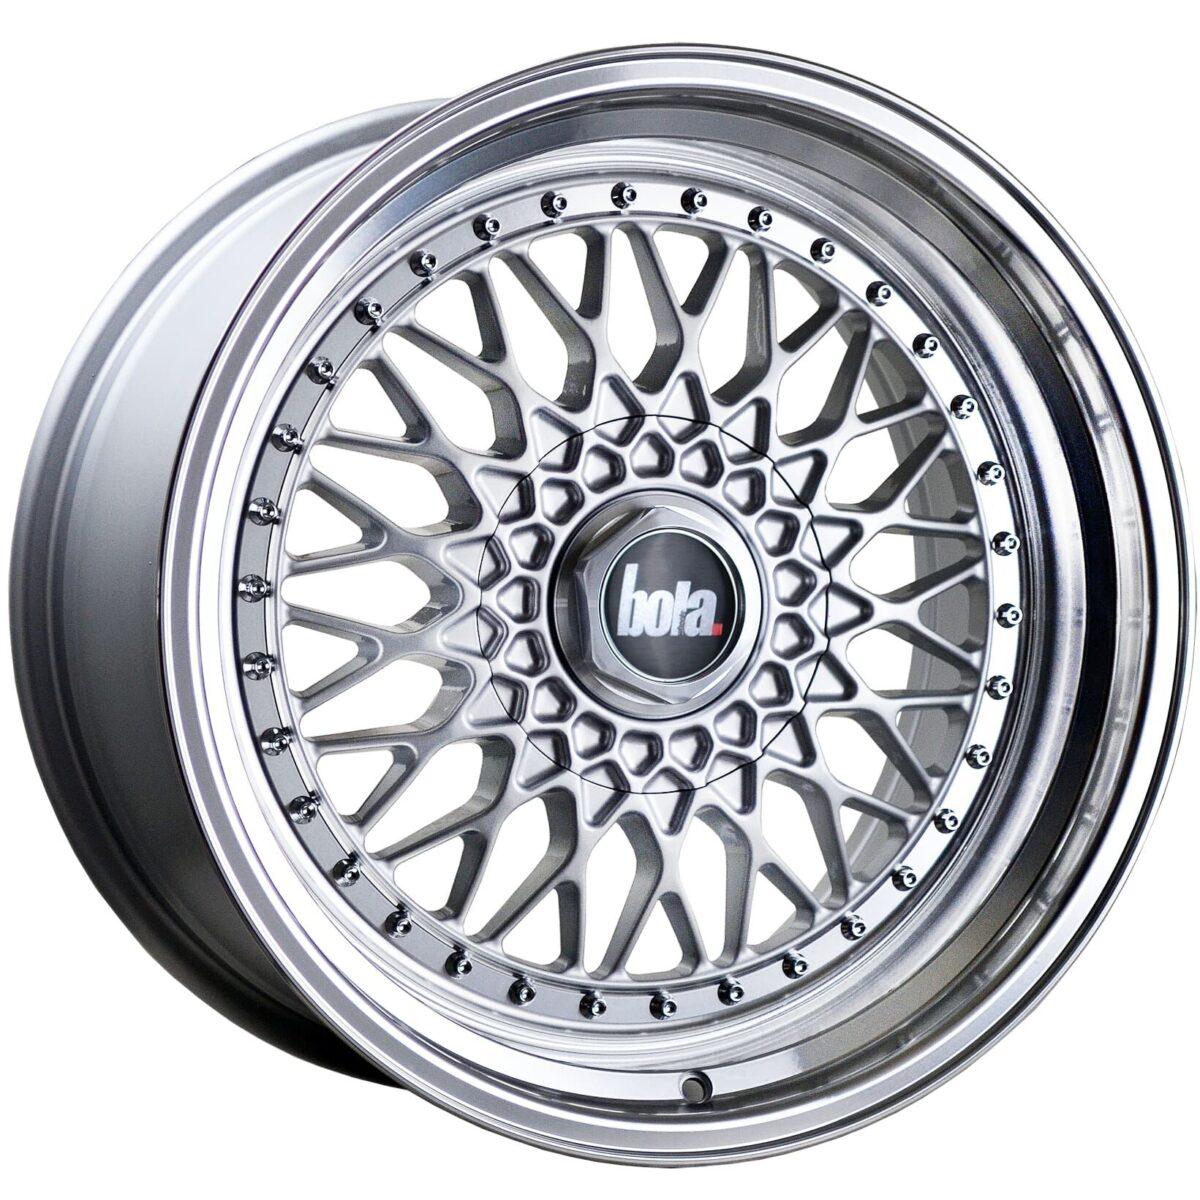 """18"""" BOLA TX09 Wheels - Silver Polished Lip - All BMW Models"""